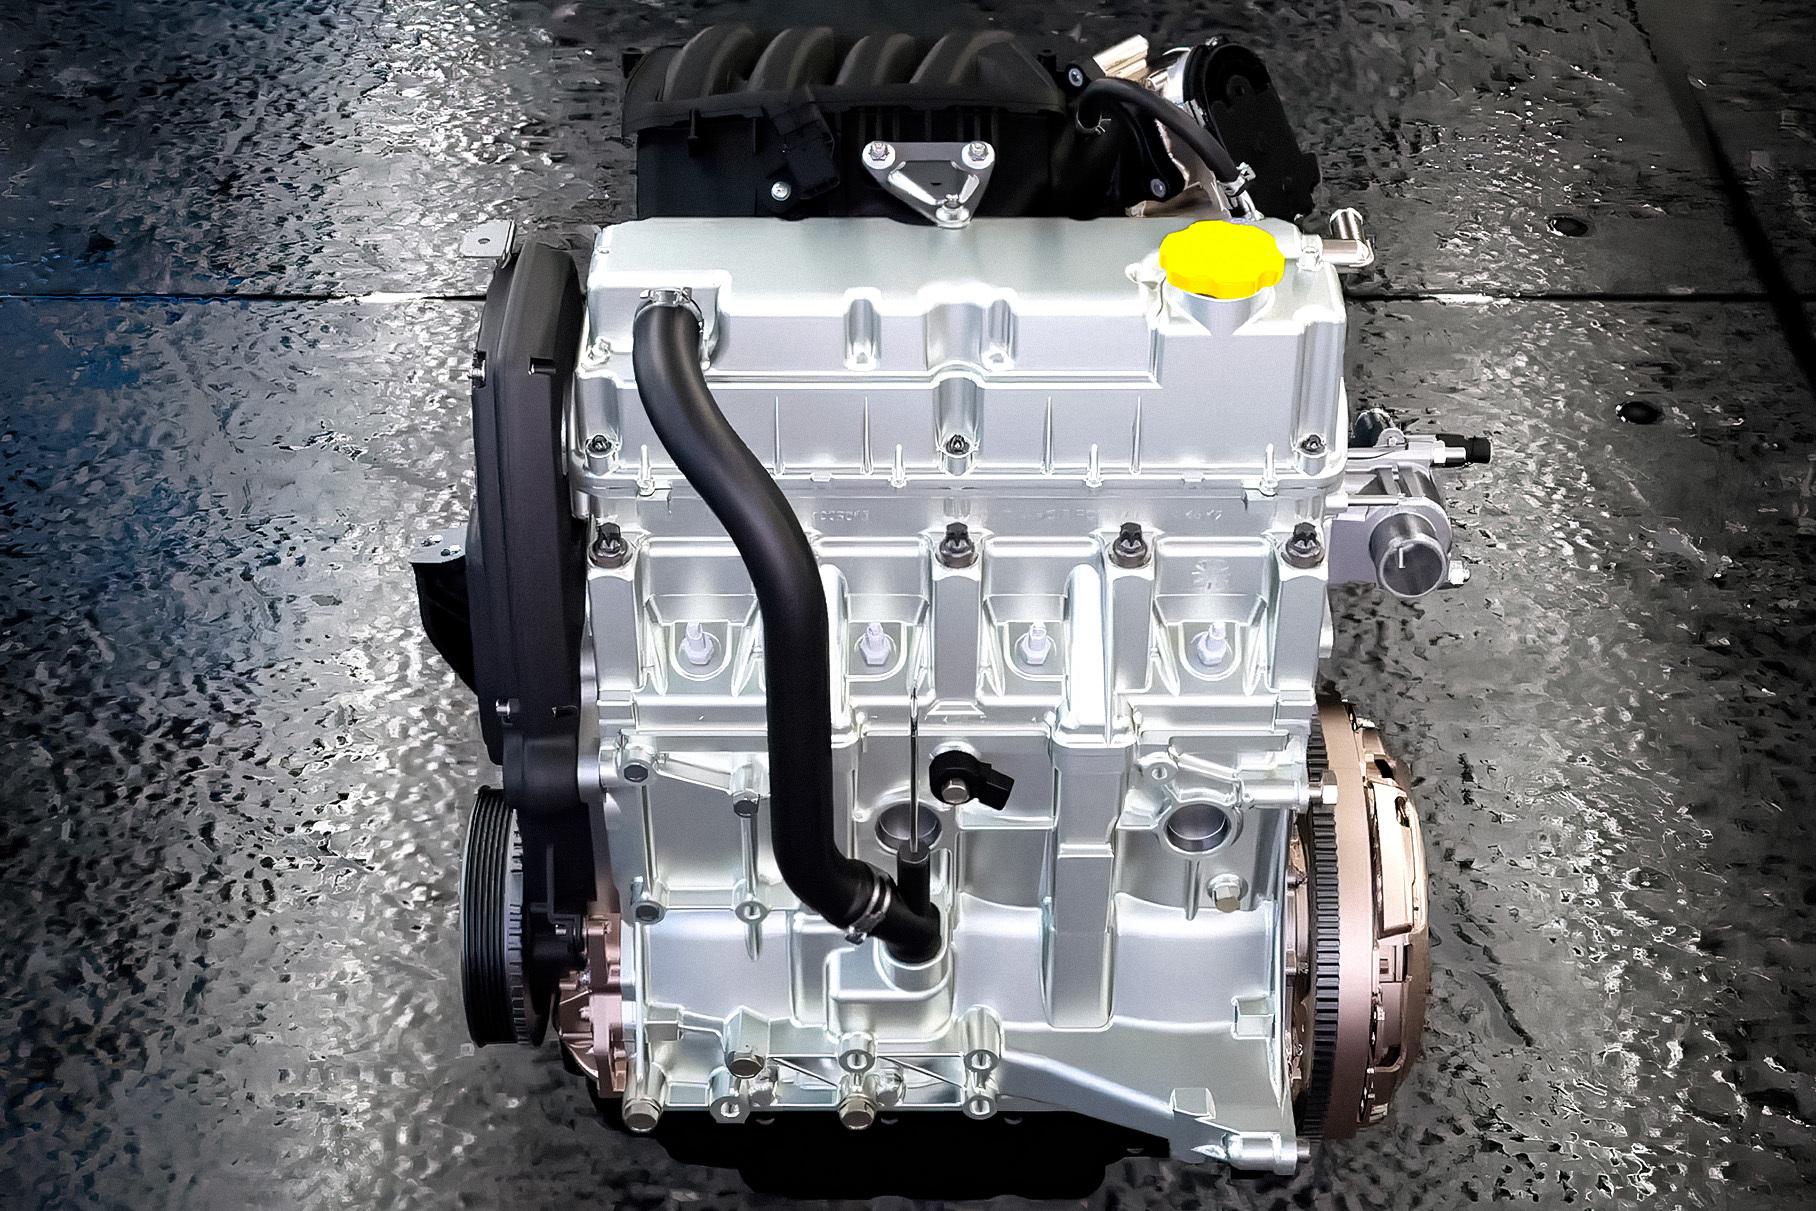 АвтоВАЗ наглядно показал, как был модернизирован мотор для Lada Granta и Largus